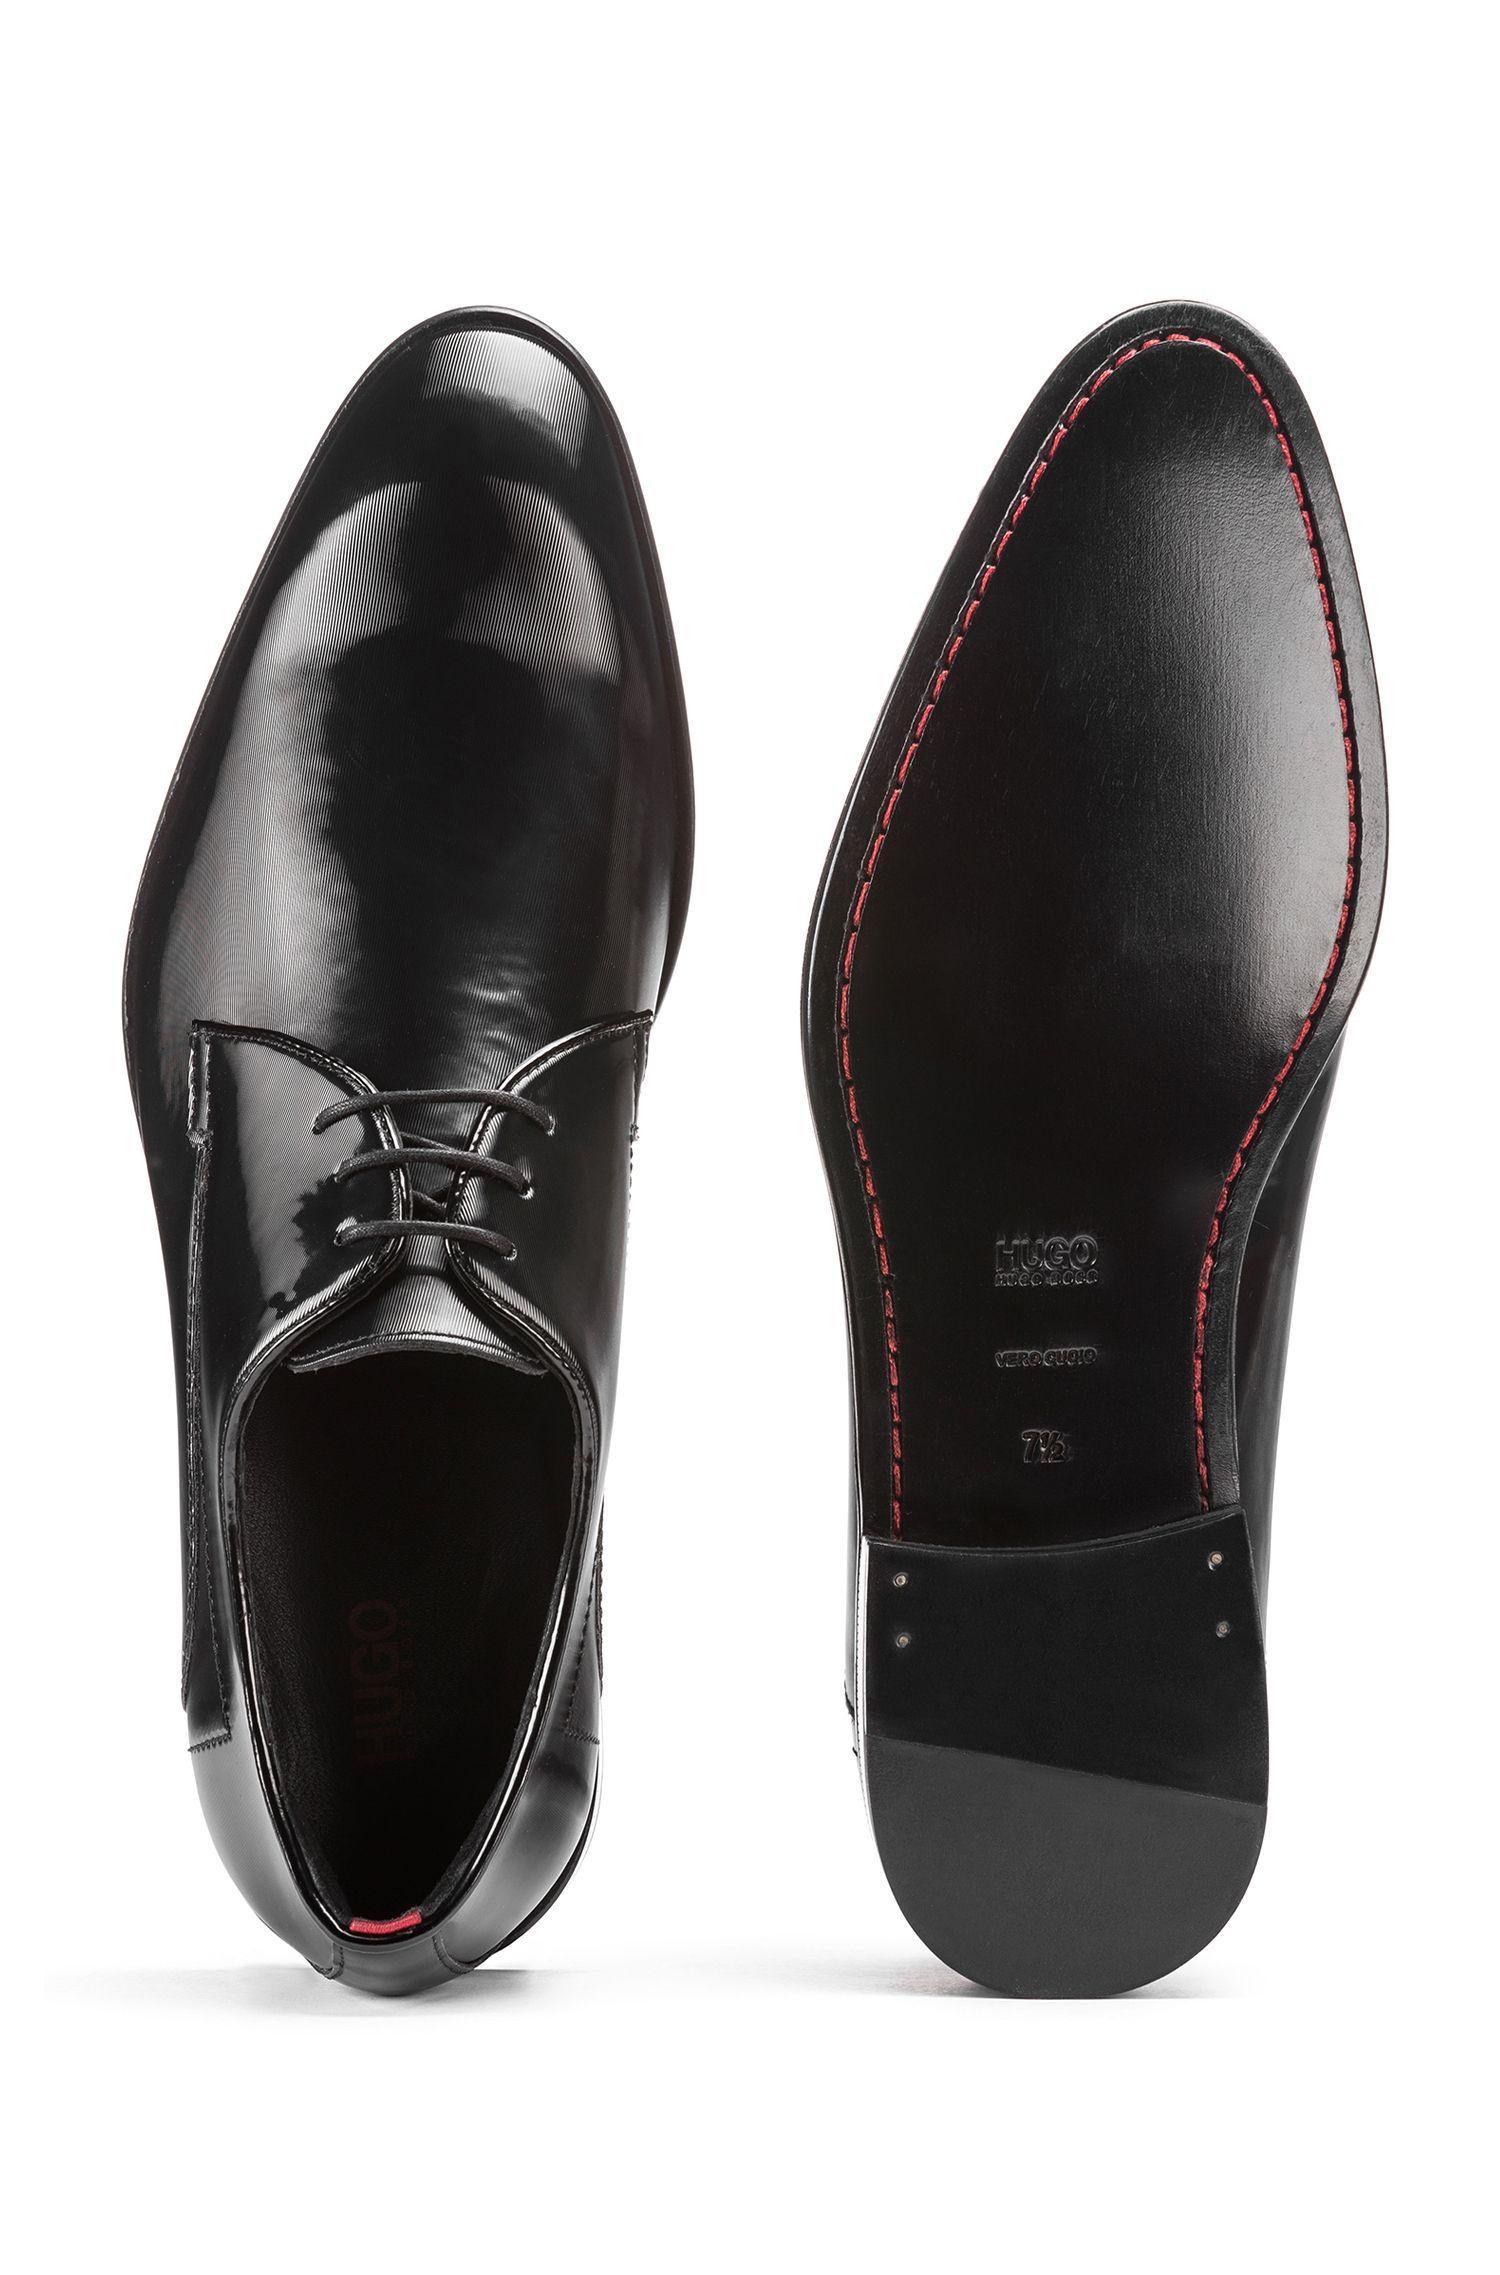 Derbyschoenen met metallic finish en gestikte details, Zwart